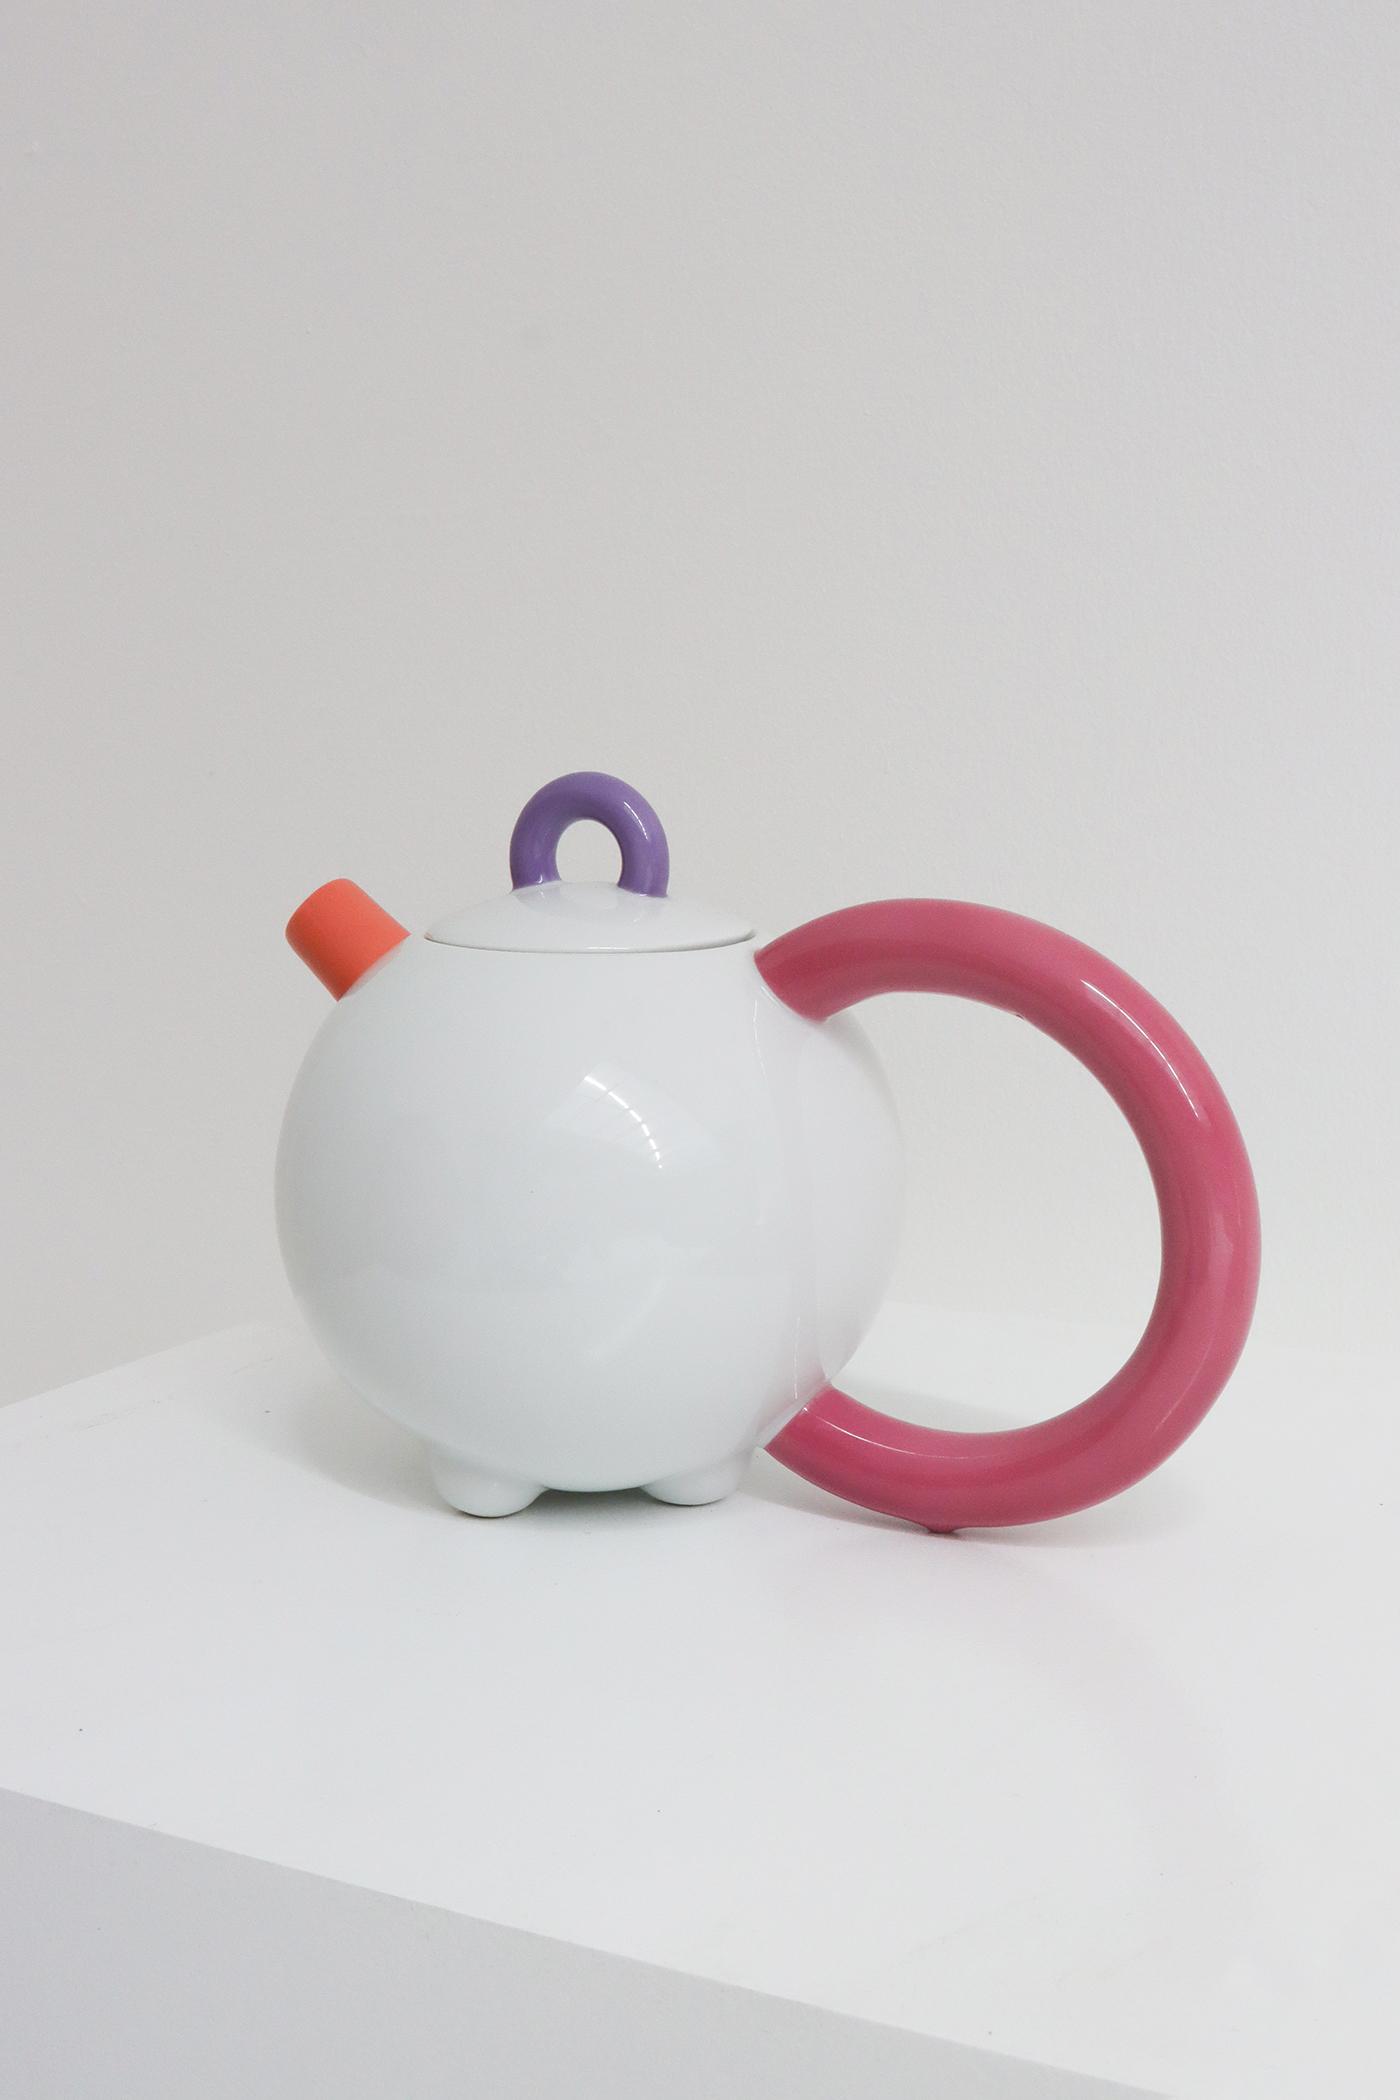 Matteo Thun Fantasia teapotimage 4